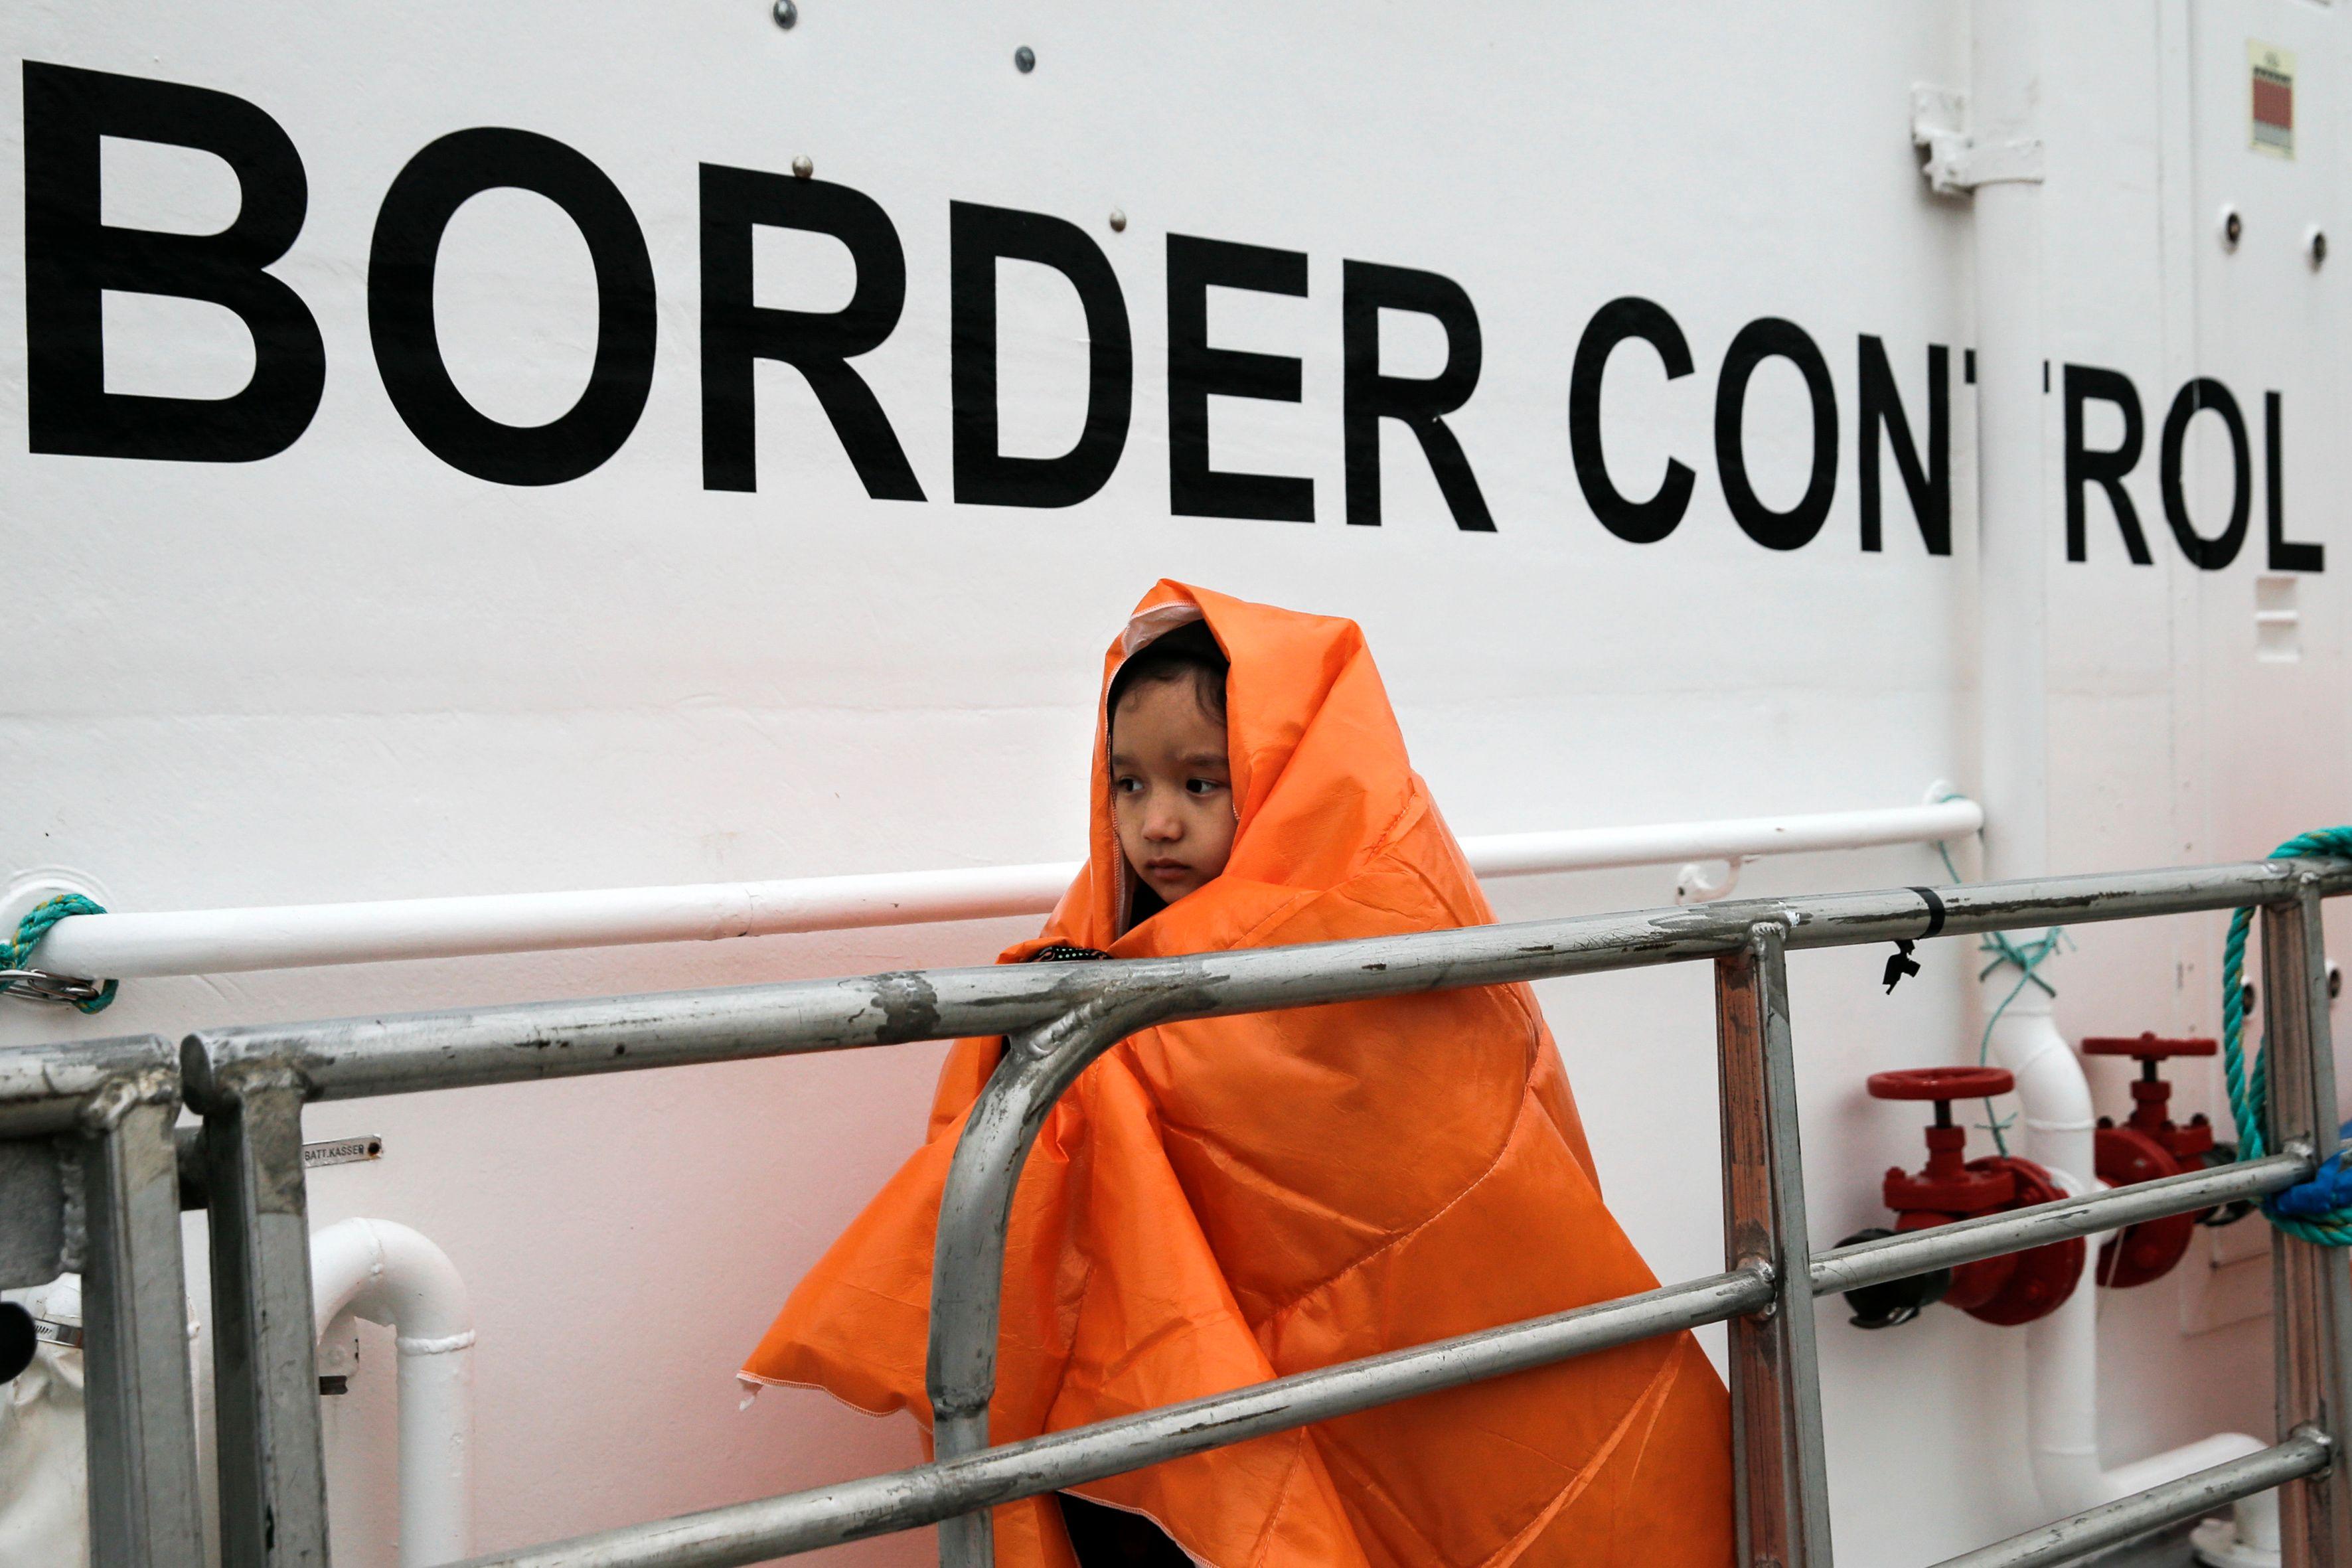 Frontex : un nouveau corps de gardes-côtes et de gardes-frontières qui pourrait produire plus d'effets toxiques que de bien